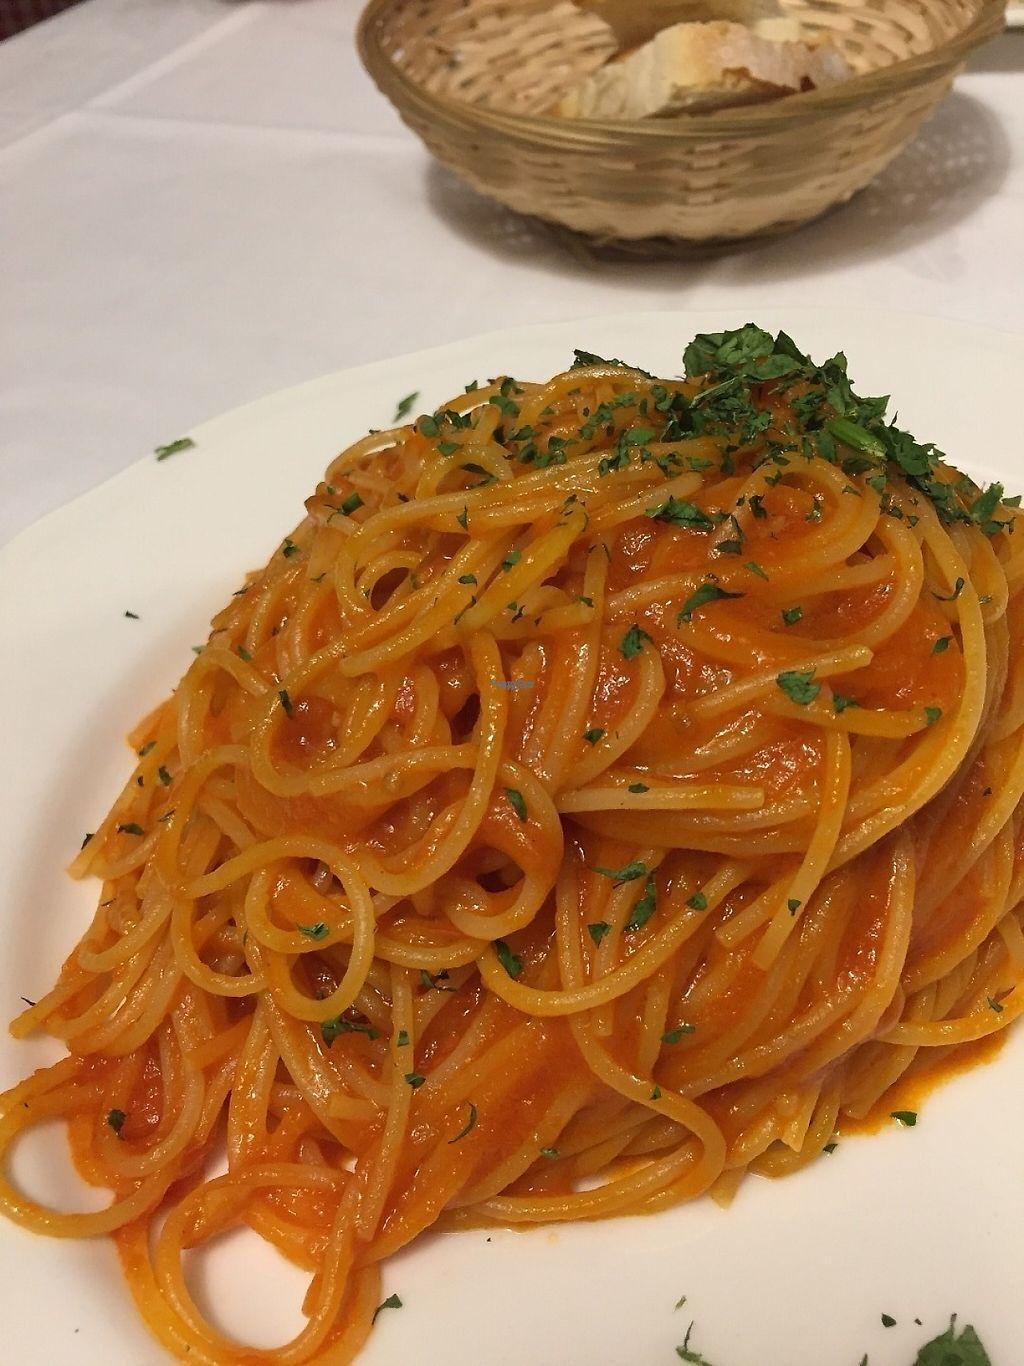 """Photo of Trattoria Enzo e Piero  by <a href=""""/members/profile/VeganPrairieGirl"""">VeganPrairieGirl</a> <br/>Spaghetti with spicy tomato sauce  <br/> March 22, 2017  - <a href='/contact/abuse/image/53571/239598'>Report</a>"""